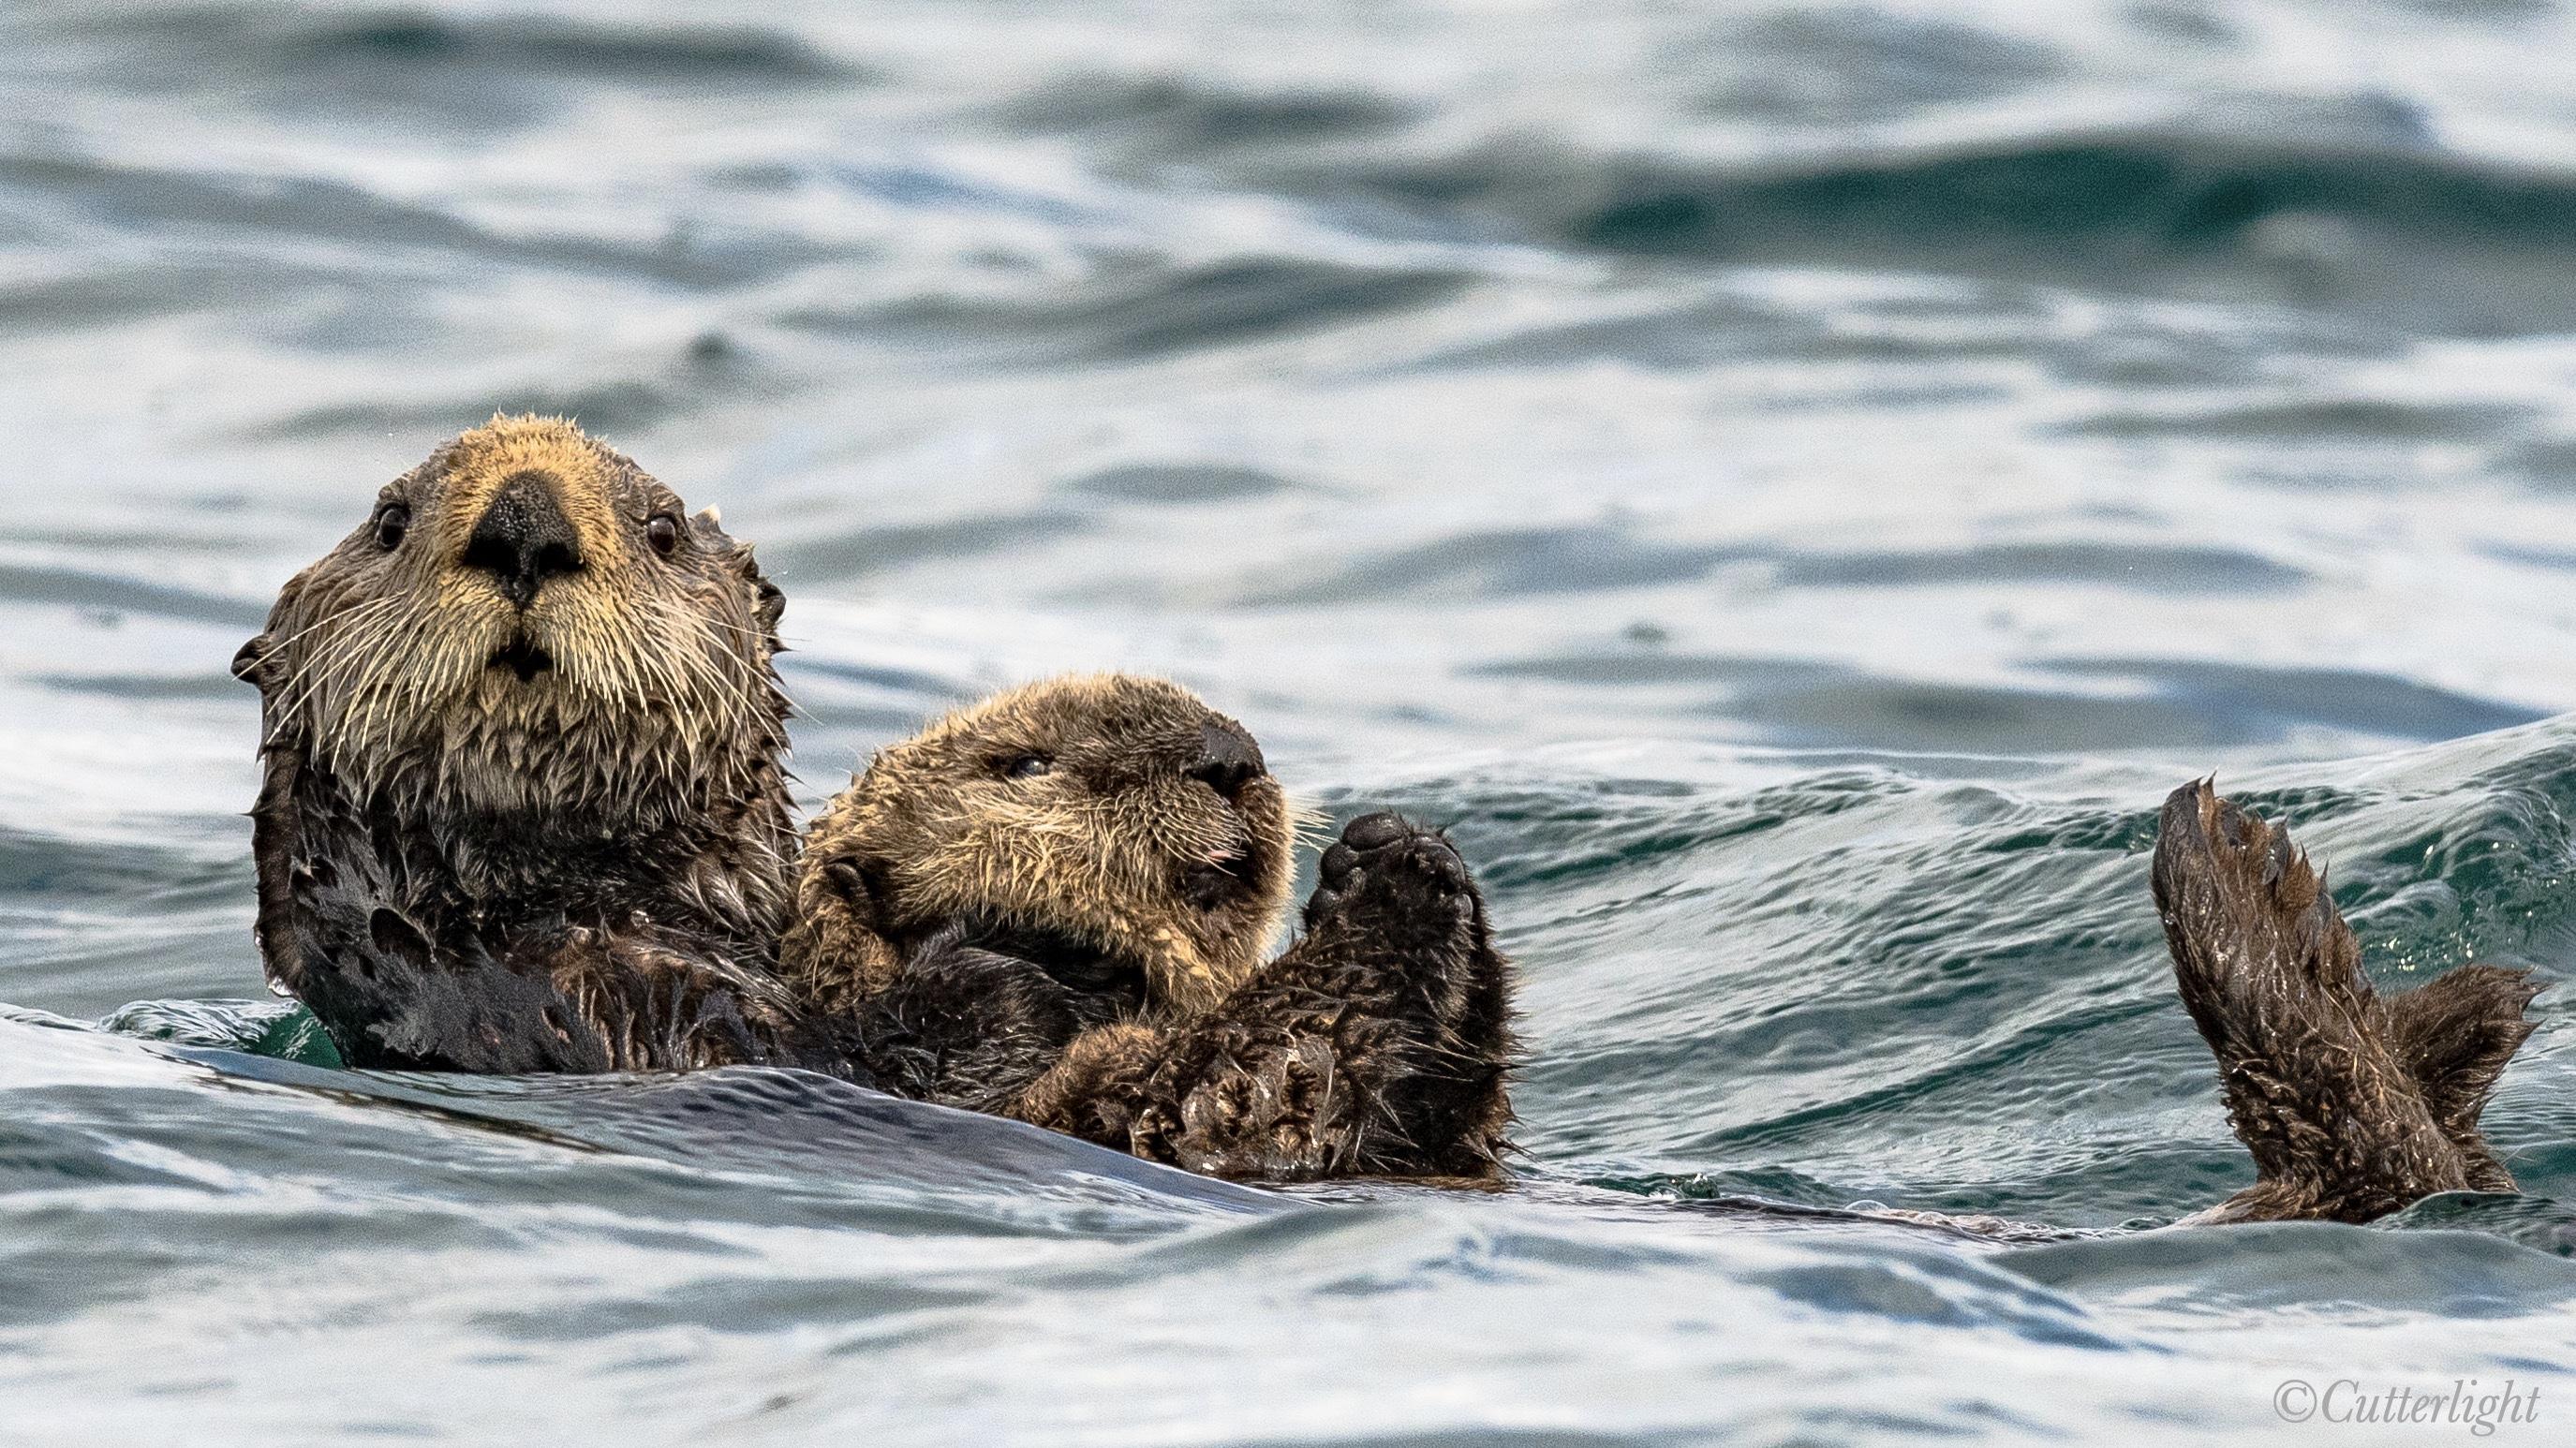 Chignik Sea Otter pup